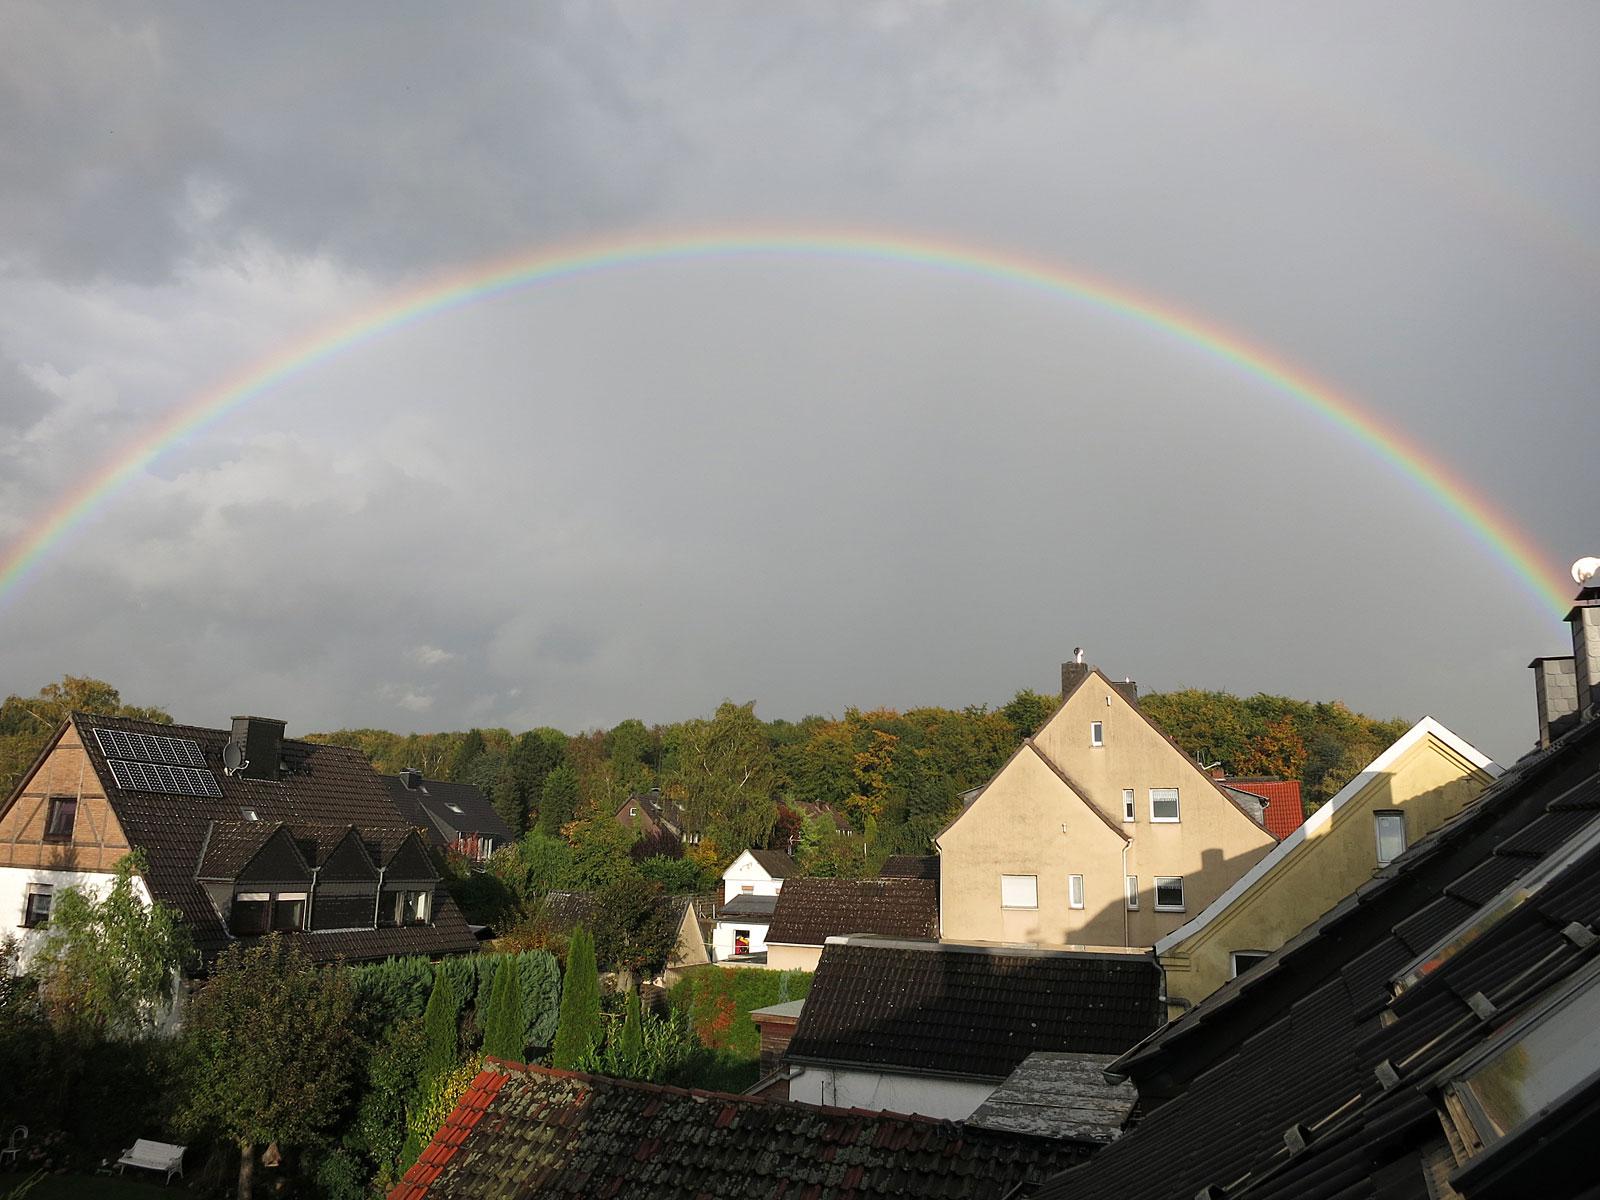 Ein schöner Regenbogen über Dortmund